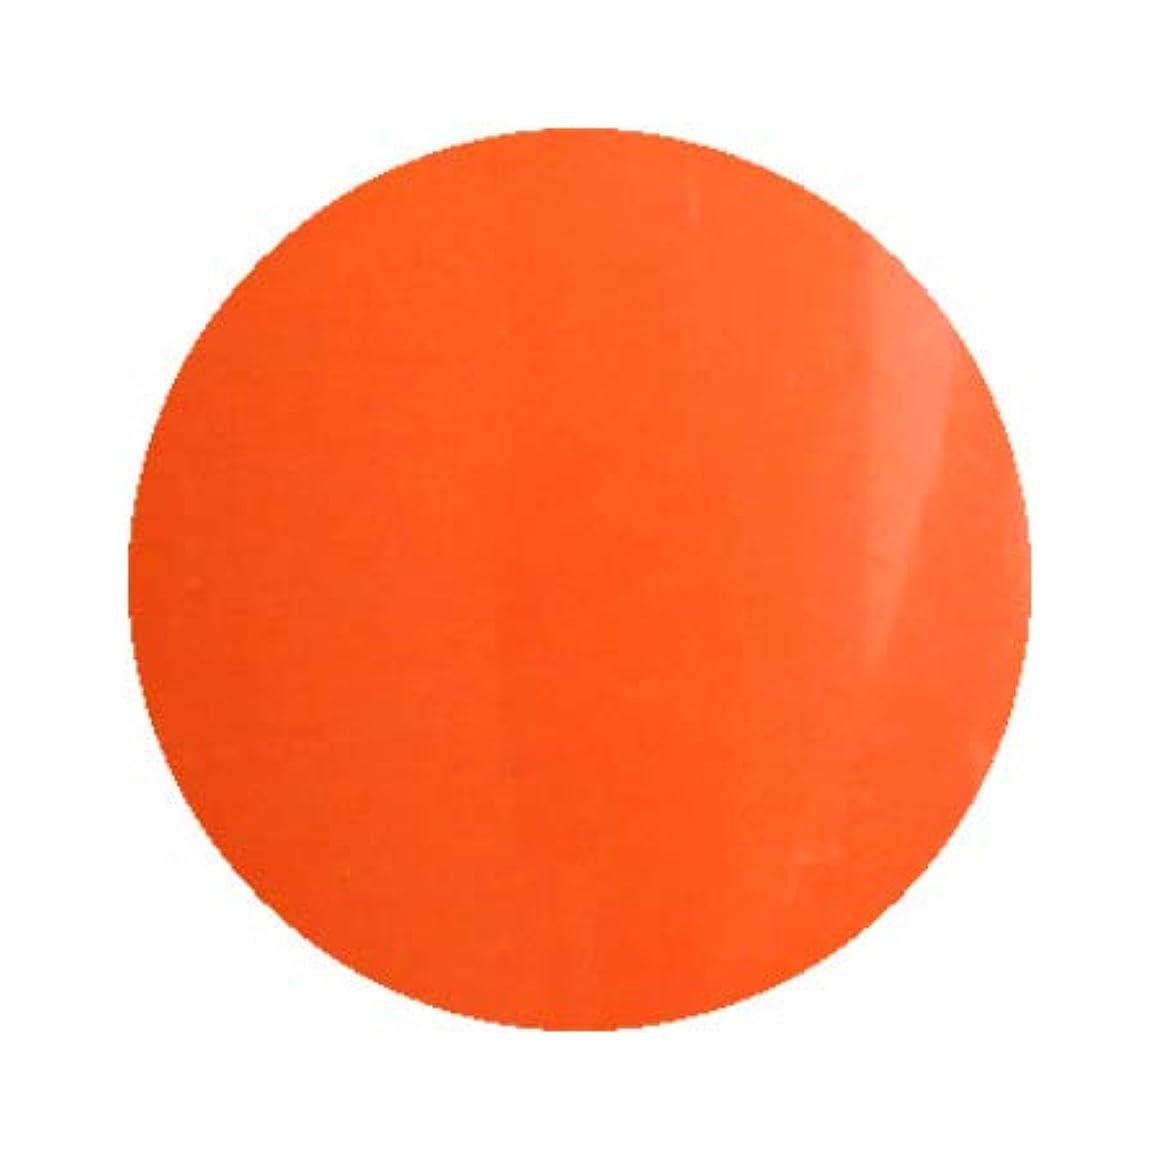 ロンドン生取り戻すInity アイニティ ハイエンドカラー OR-03M サーモンオレンジ 3g